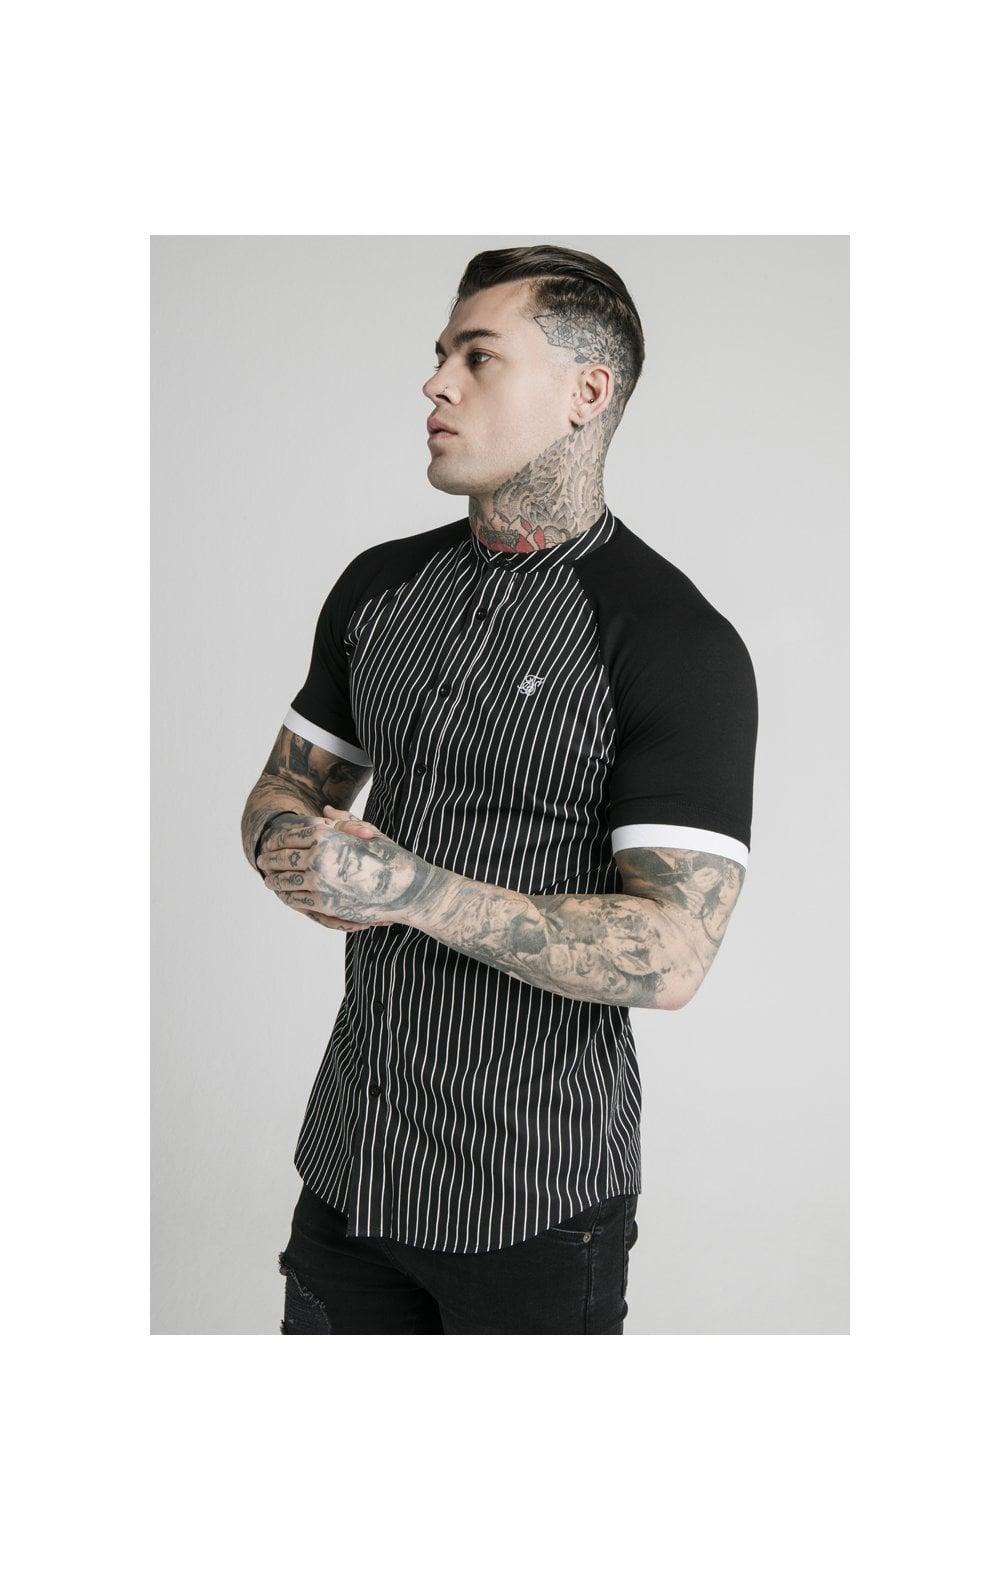 SikSilk S/S Raglan Inset Cuff  Shirt - Black & White MEN SIZES TOP: Extra Large